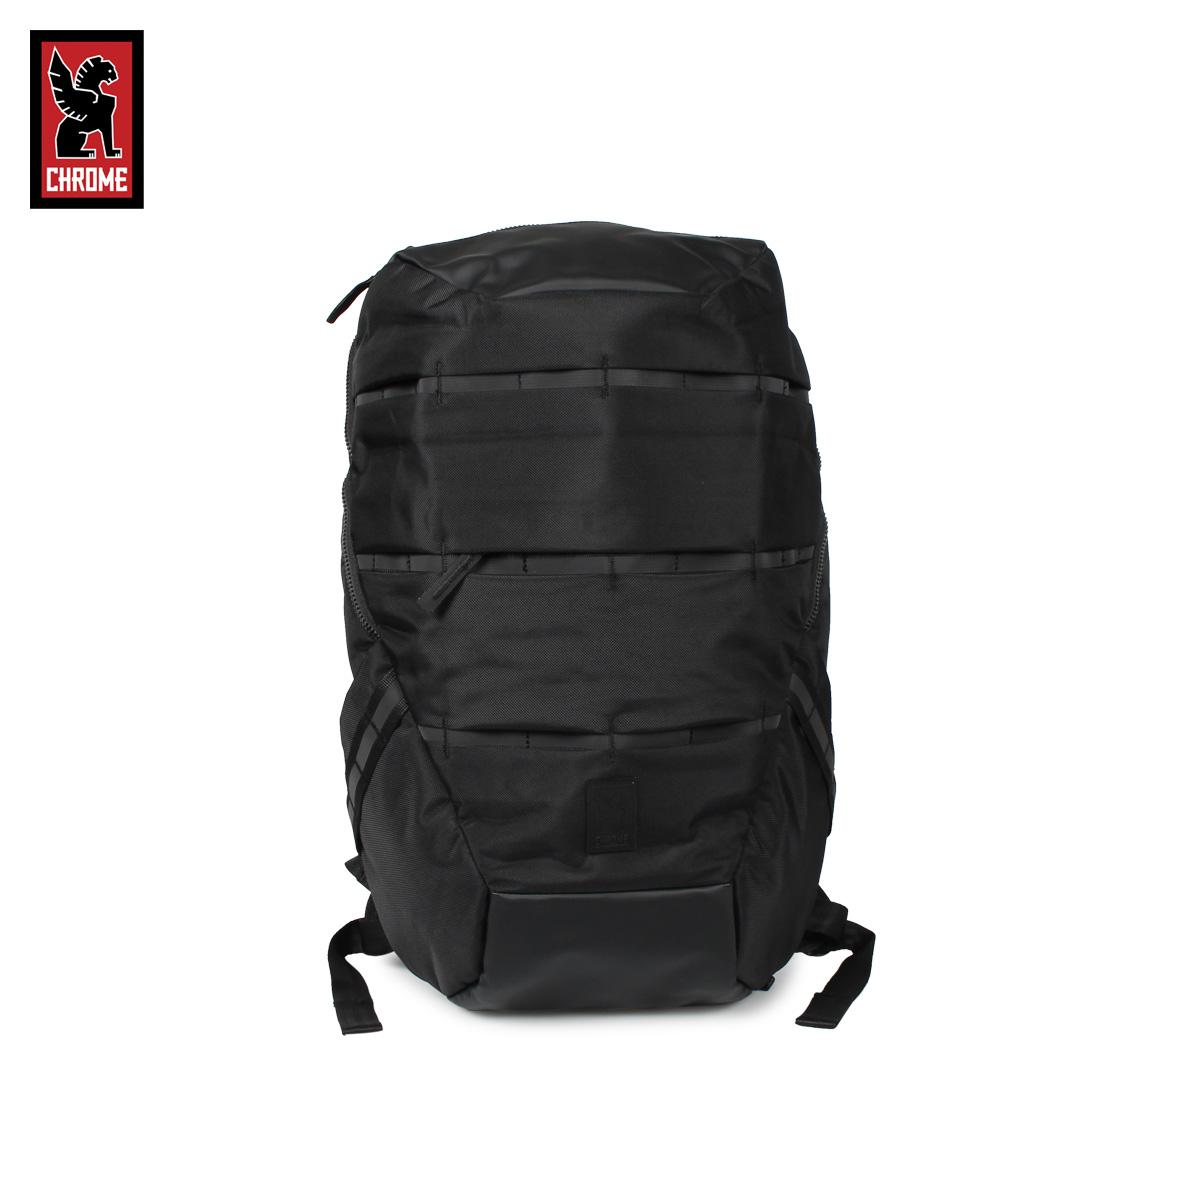 CHROME MAZER VIGIL PACK クローム ビジル バッグ リュック バッグ バックパック メンズ レディース ブラック 黒 BG-280